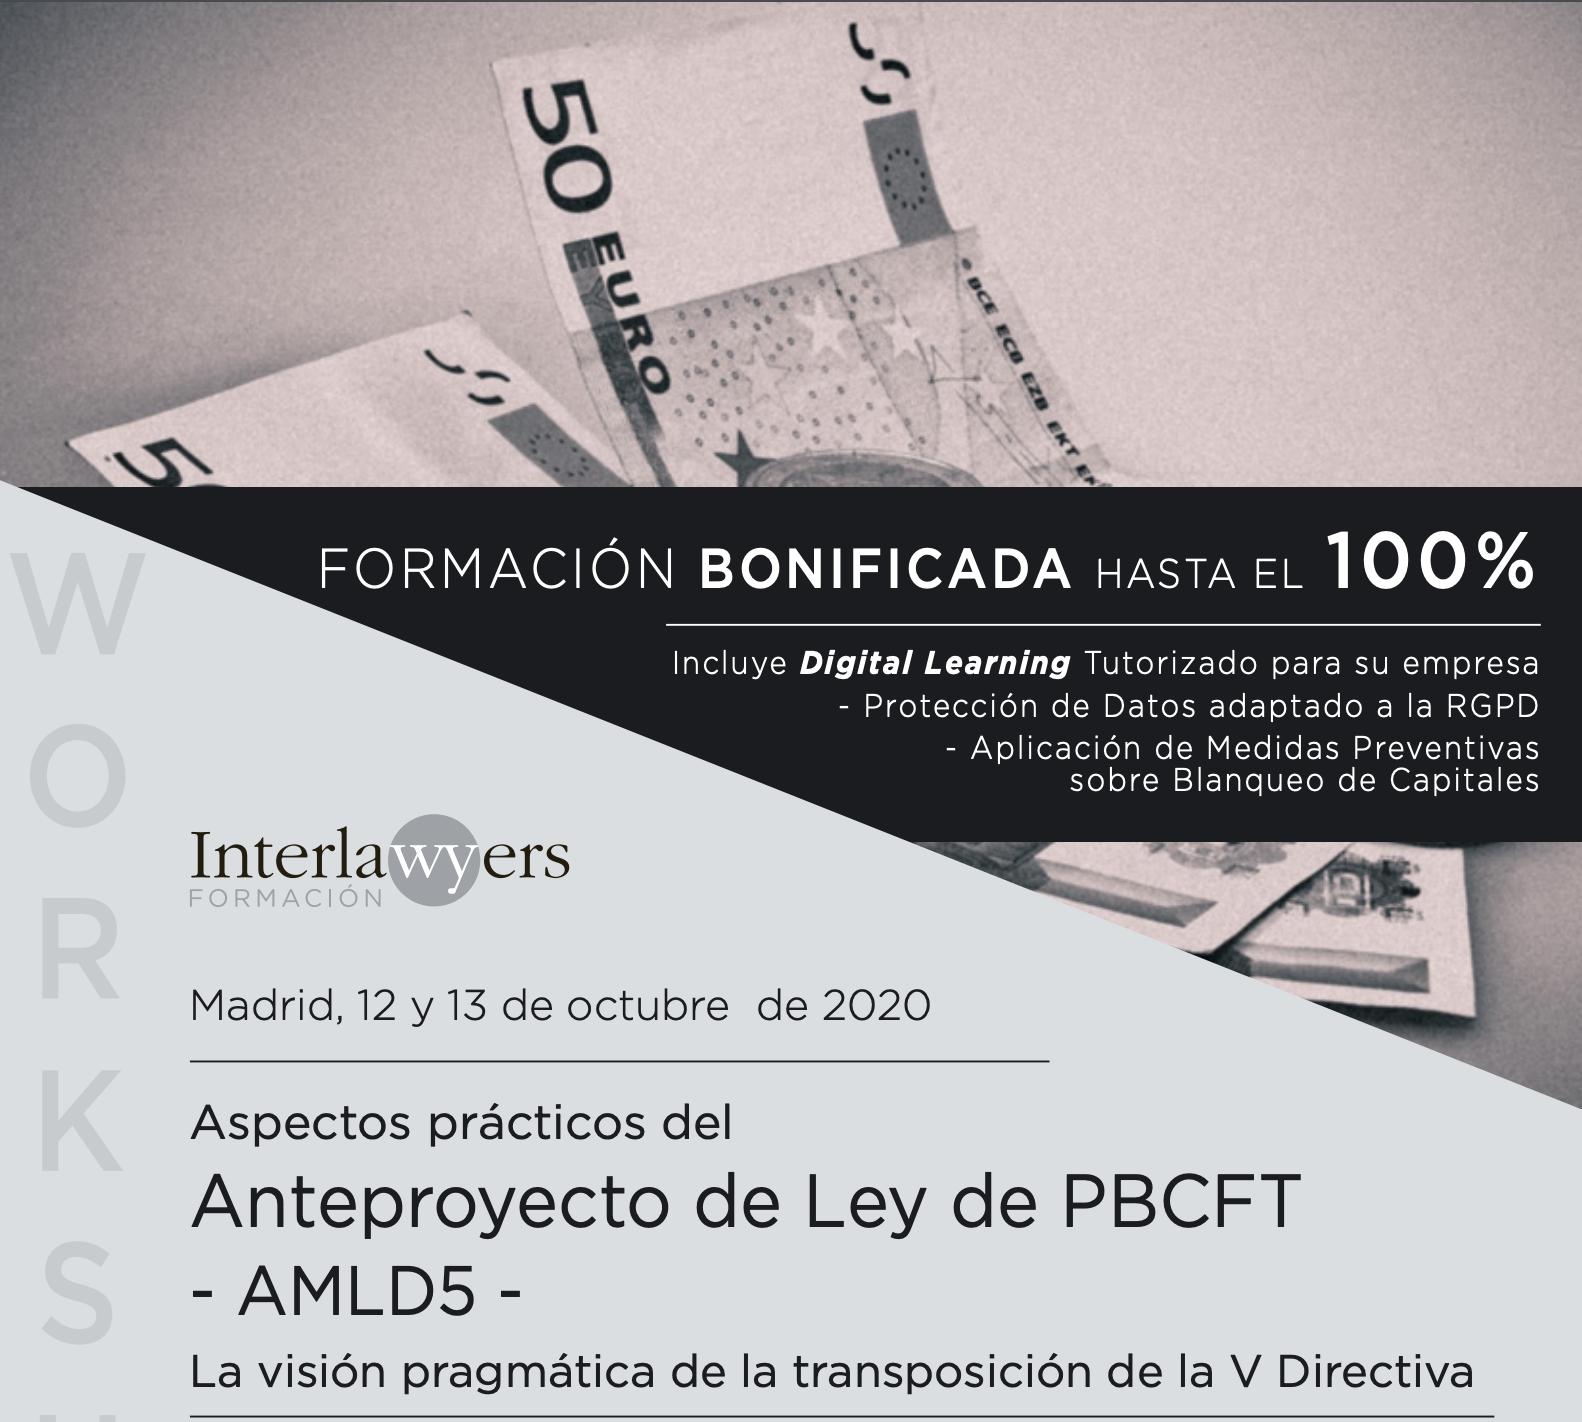 Flyer del evento Compliance en Madrid el 12 y 13 de Octubre